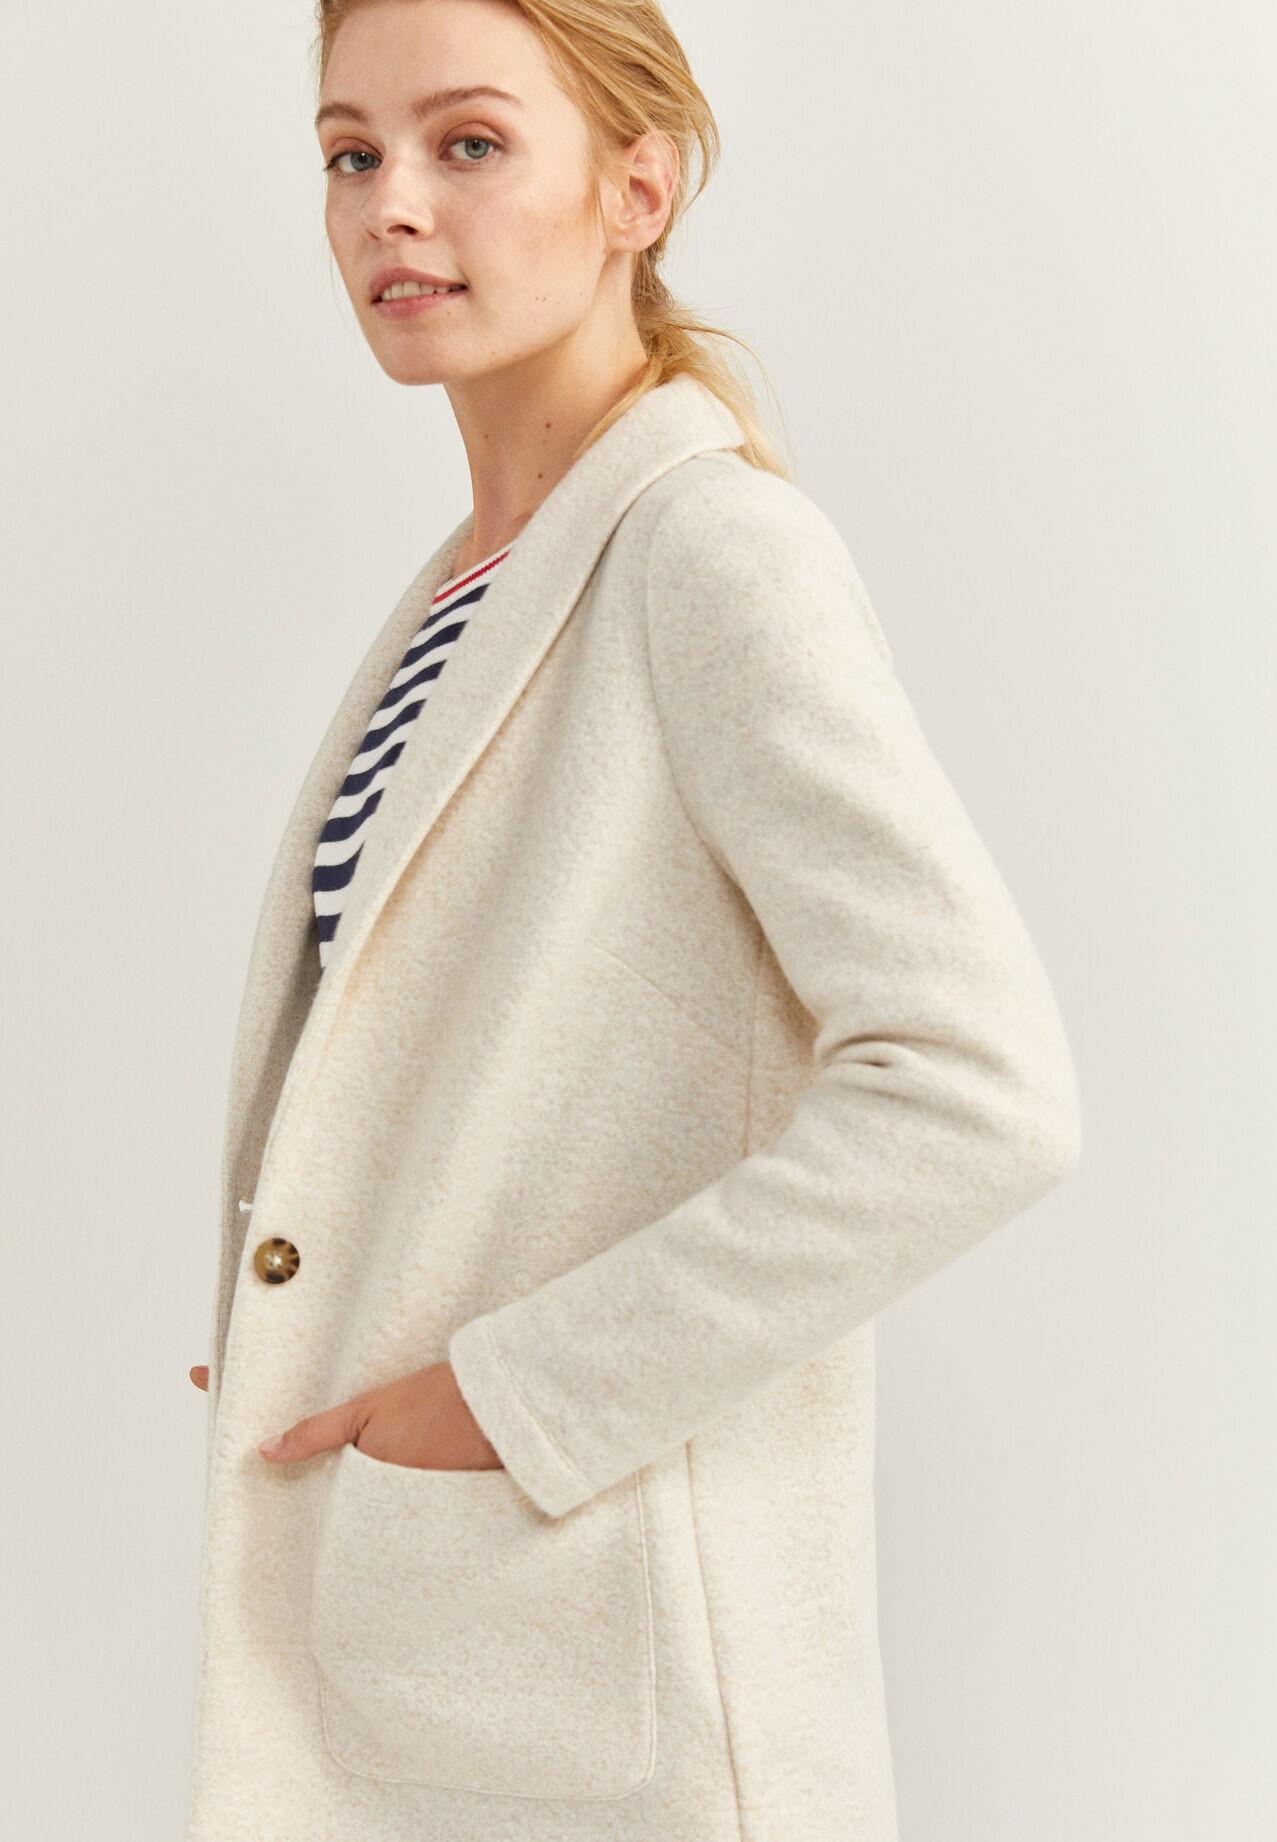 Springfield Blazer For Women Ivory, Size M